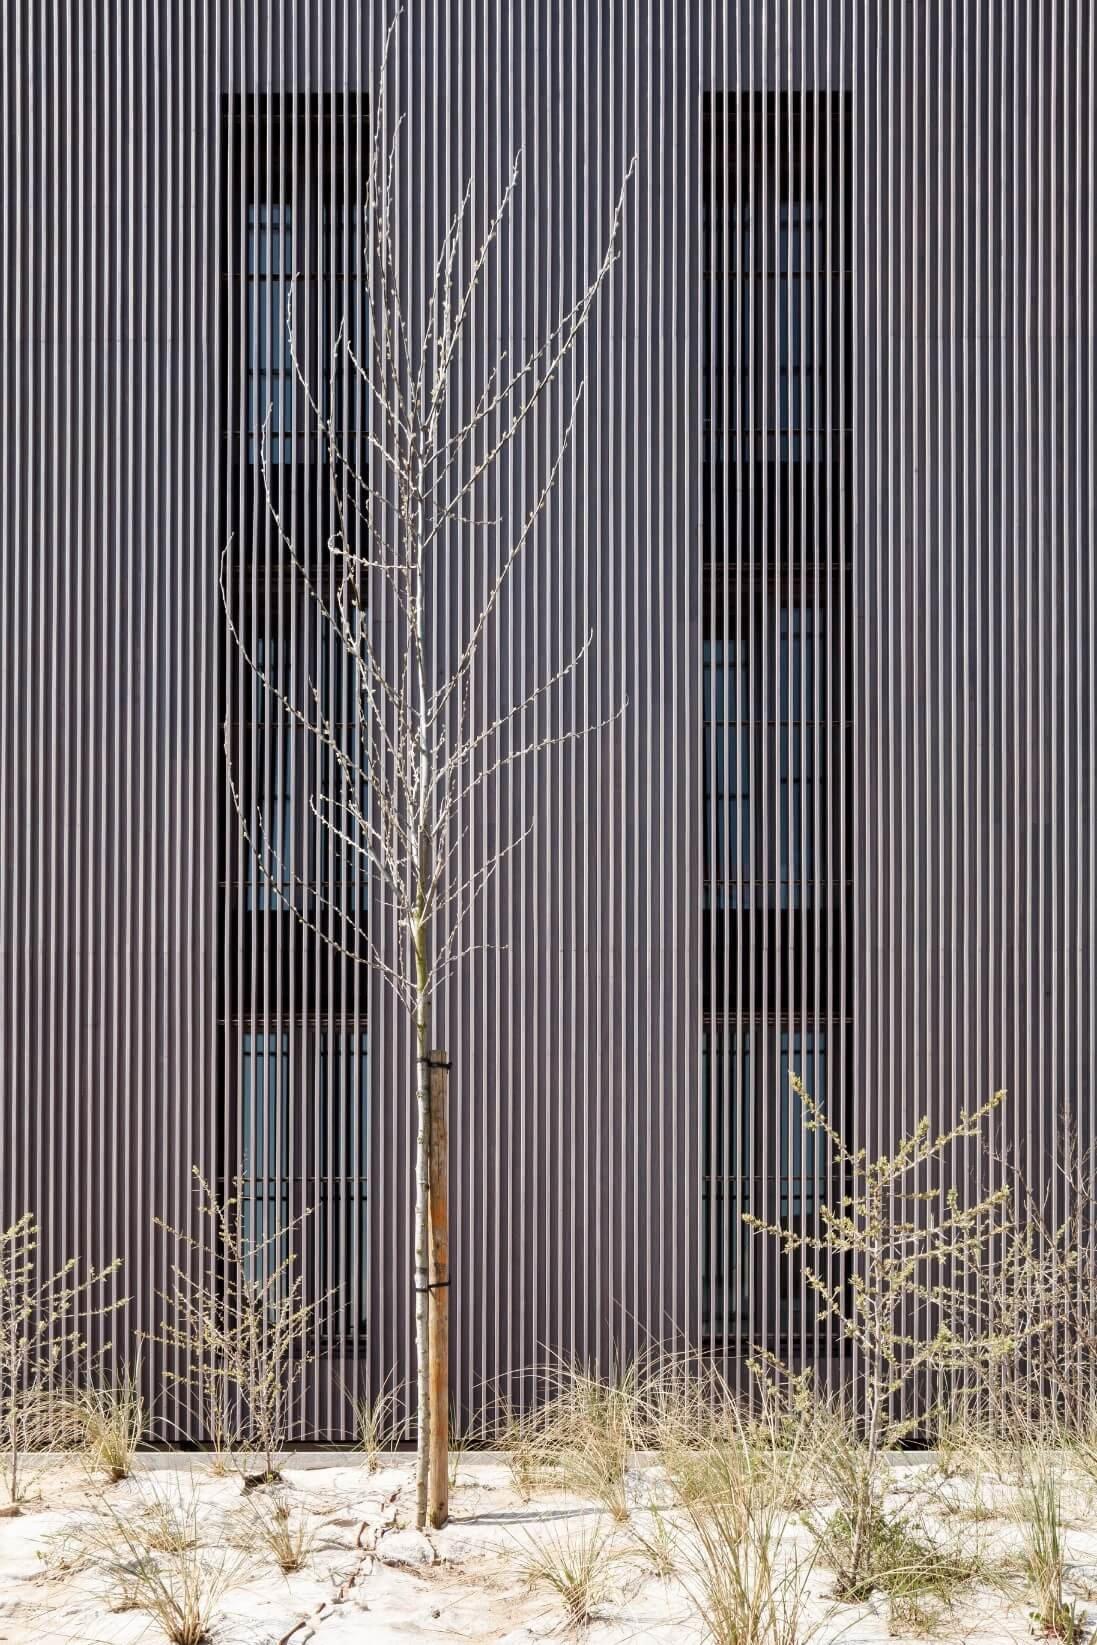 Res-JeanProuve-Rietveldprojects-photobytimvandevelde-12.jpg